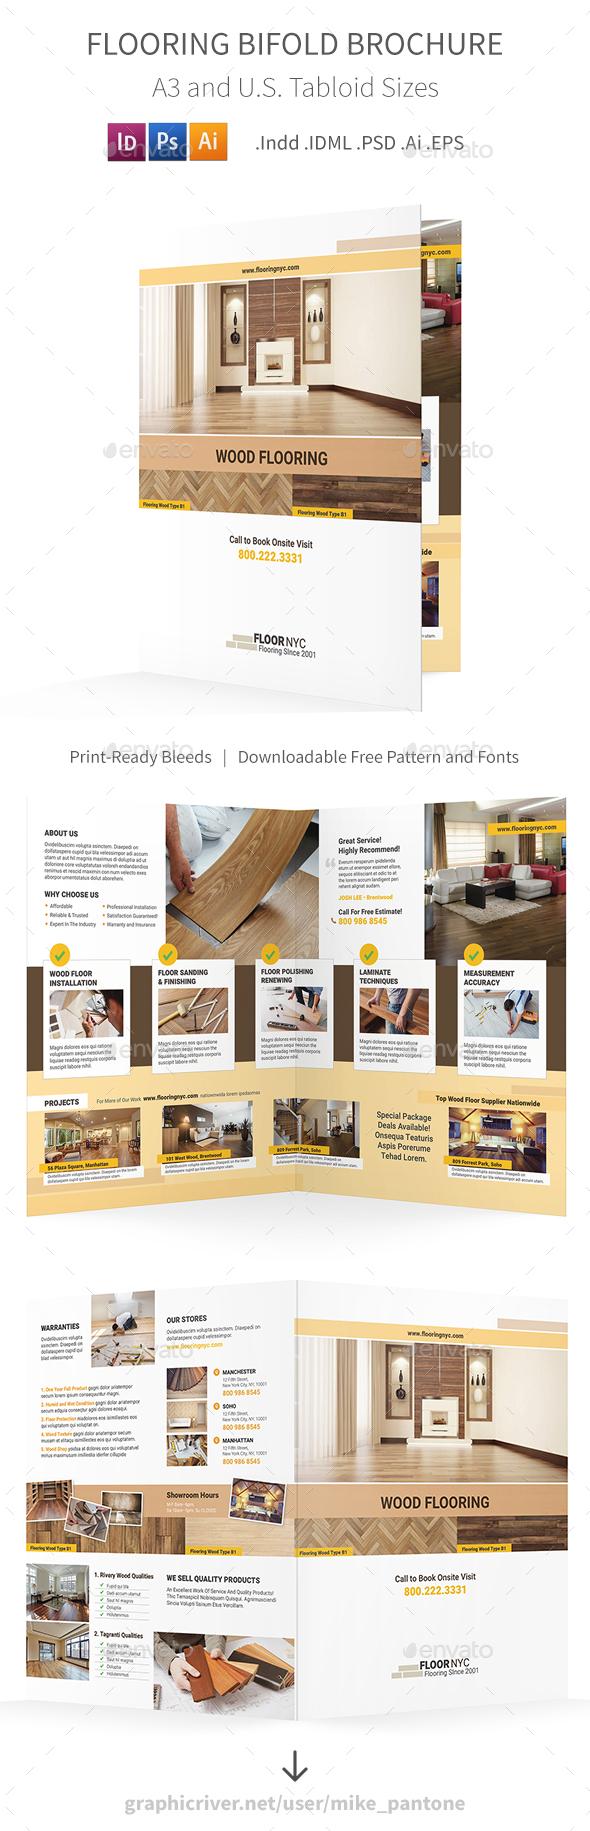 Flooring Service Bifold / Halffold Brochure - Informational Brochures